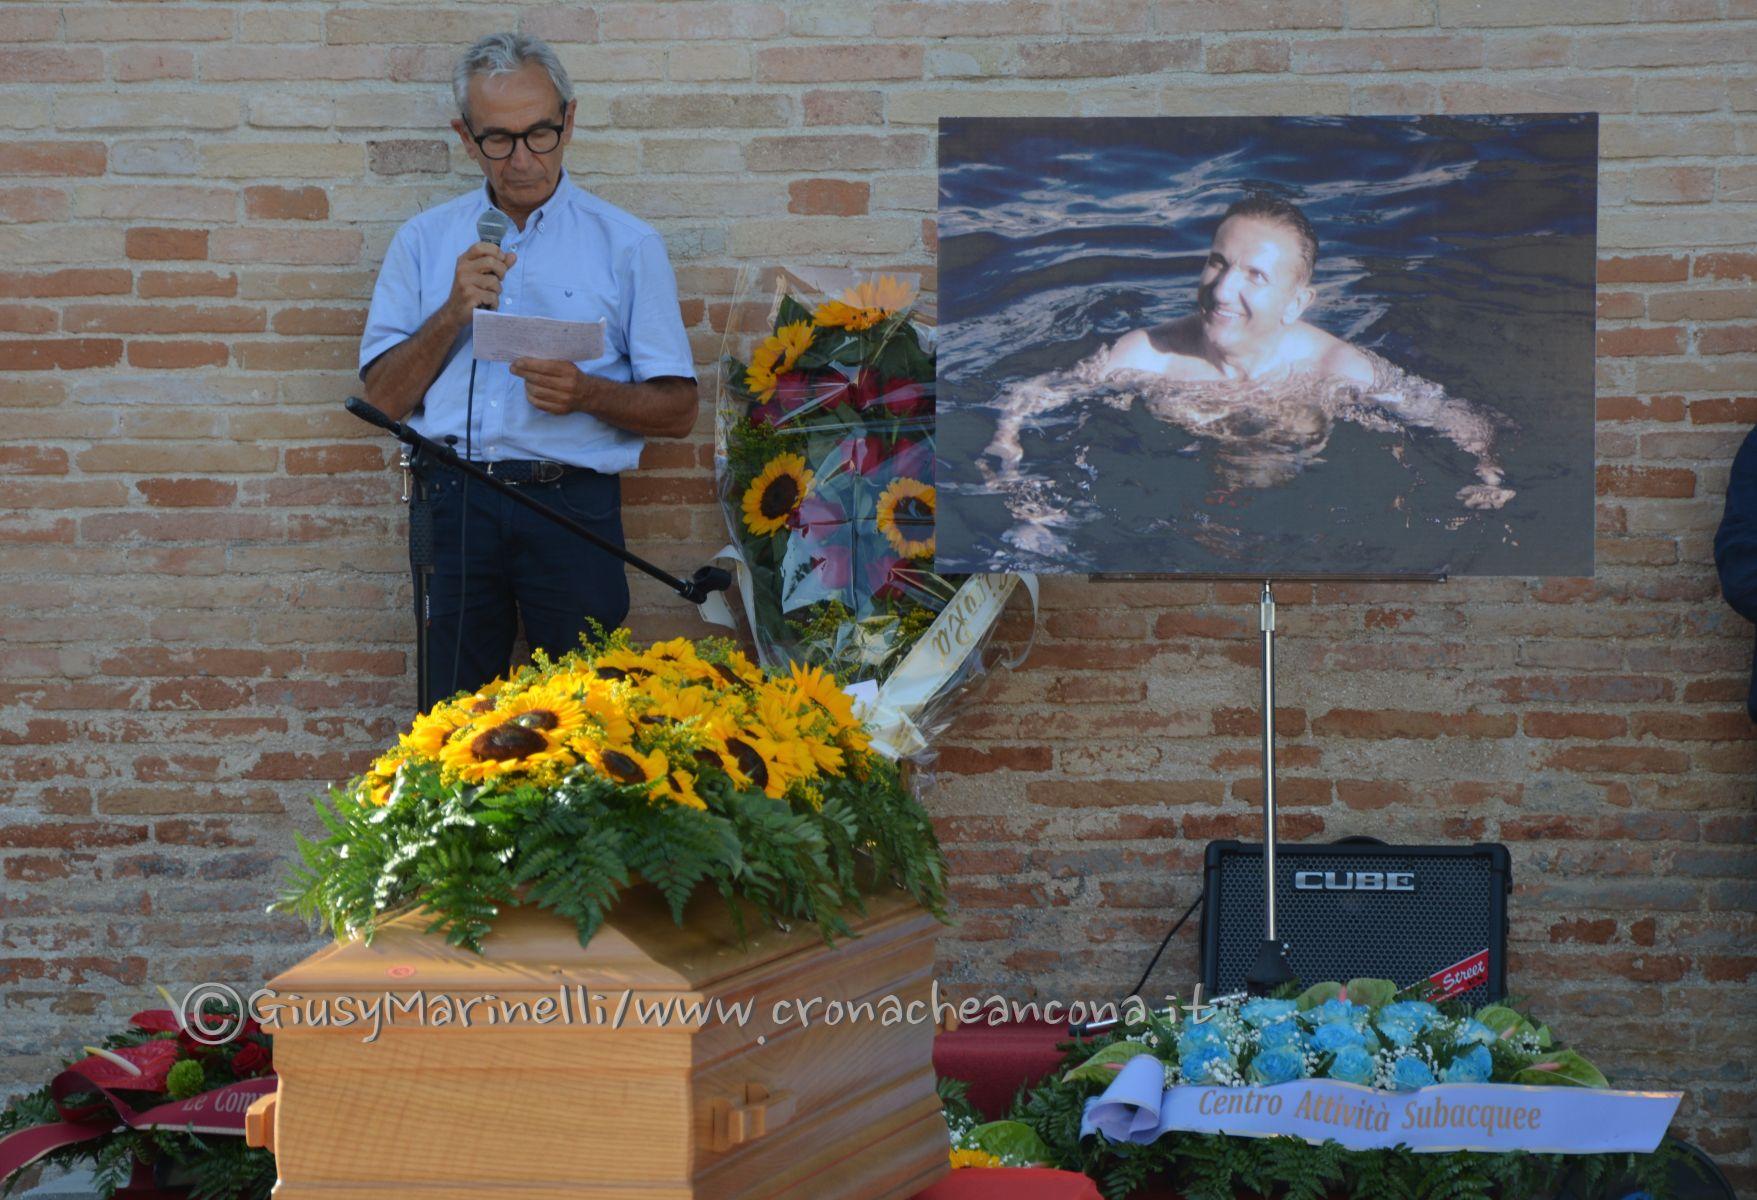 funerali_Raoul_Chiucconi-incidente_Camerano-DSC_0010-fratello